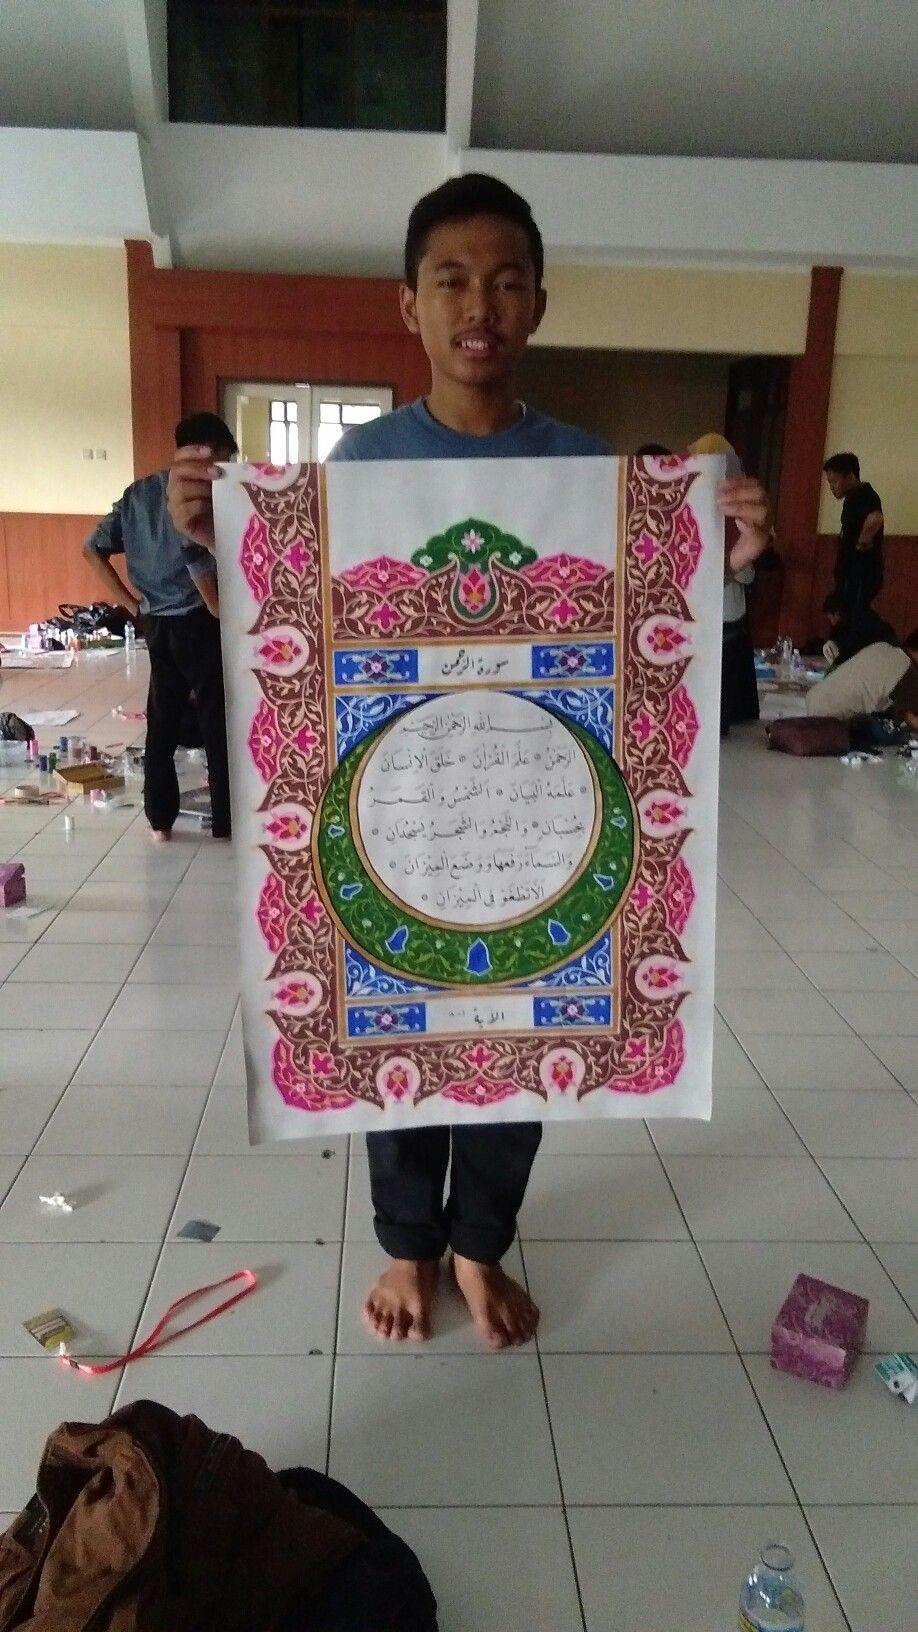 Pin oleh Fafah di Kaligrafi Hiasan Mushaf Hiasan, Kaligrafi